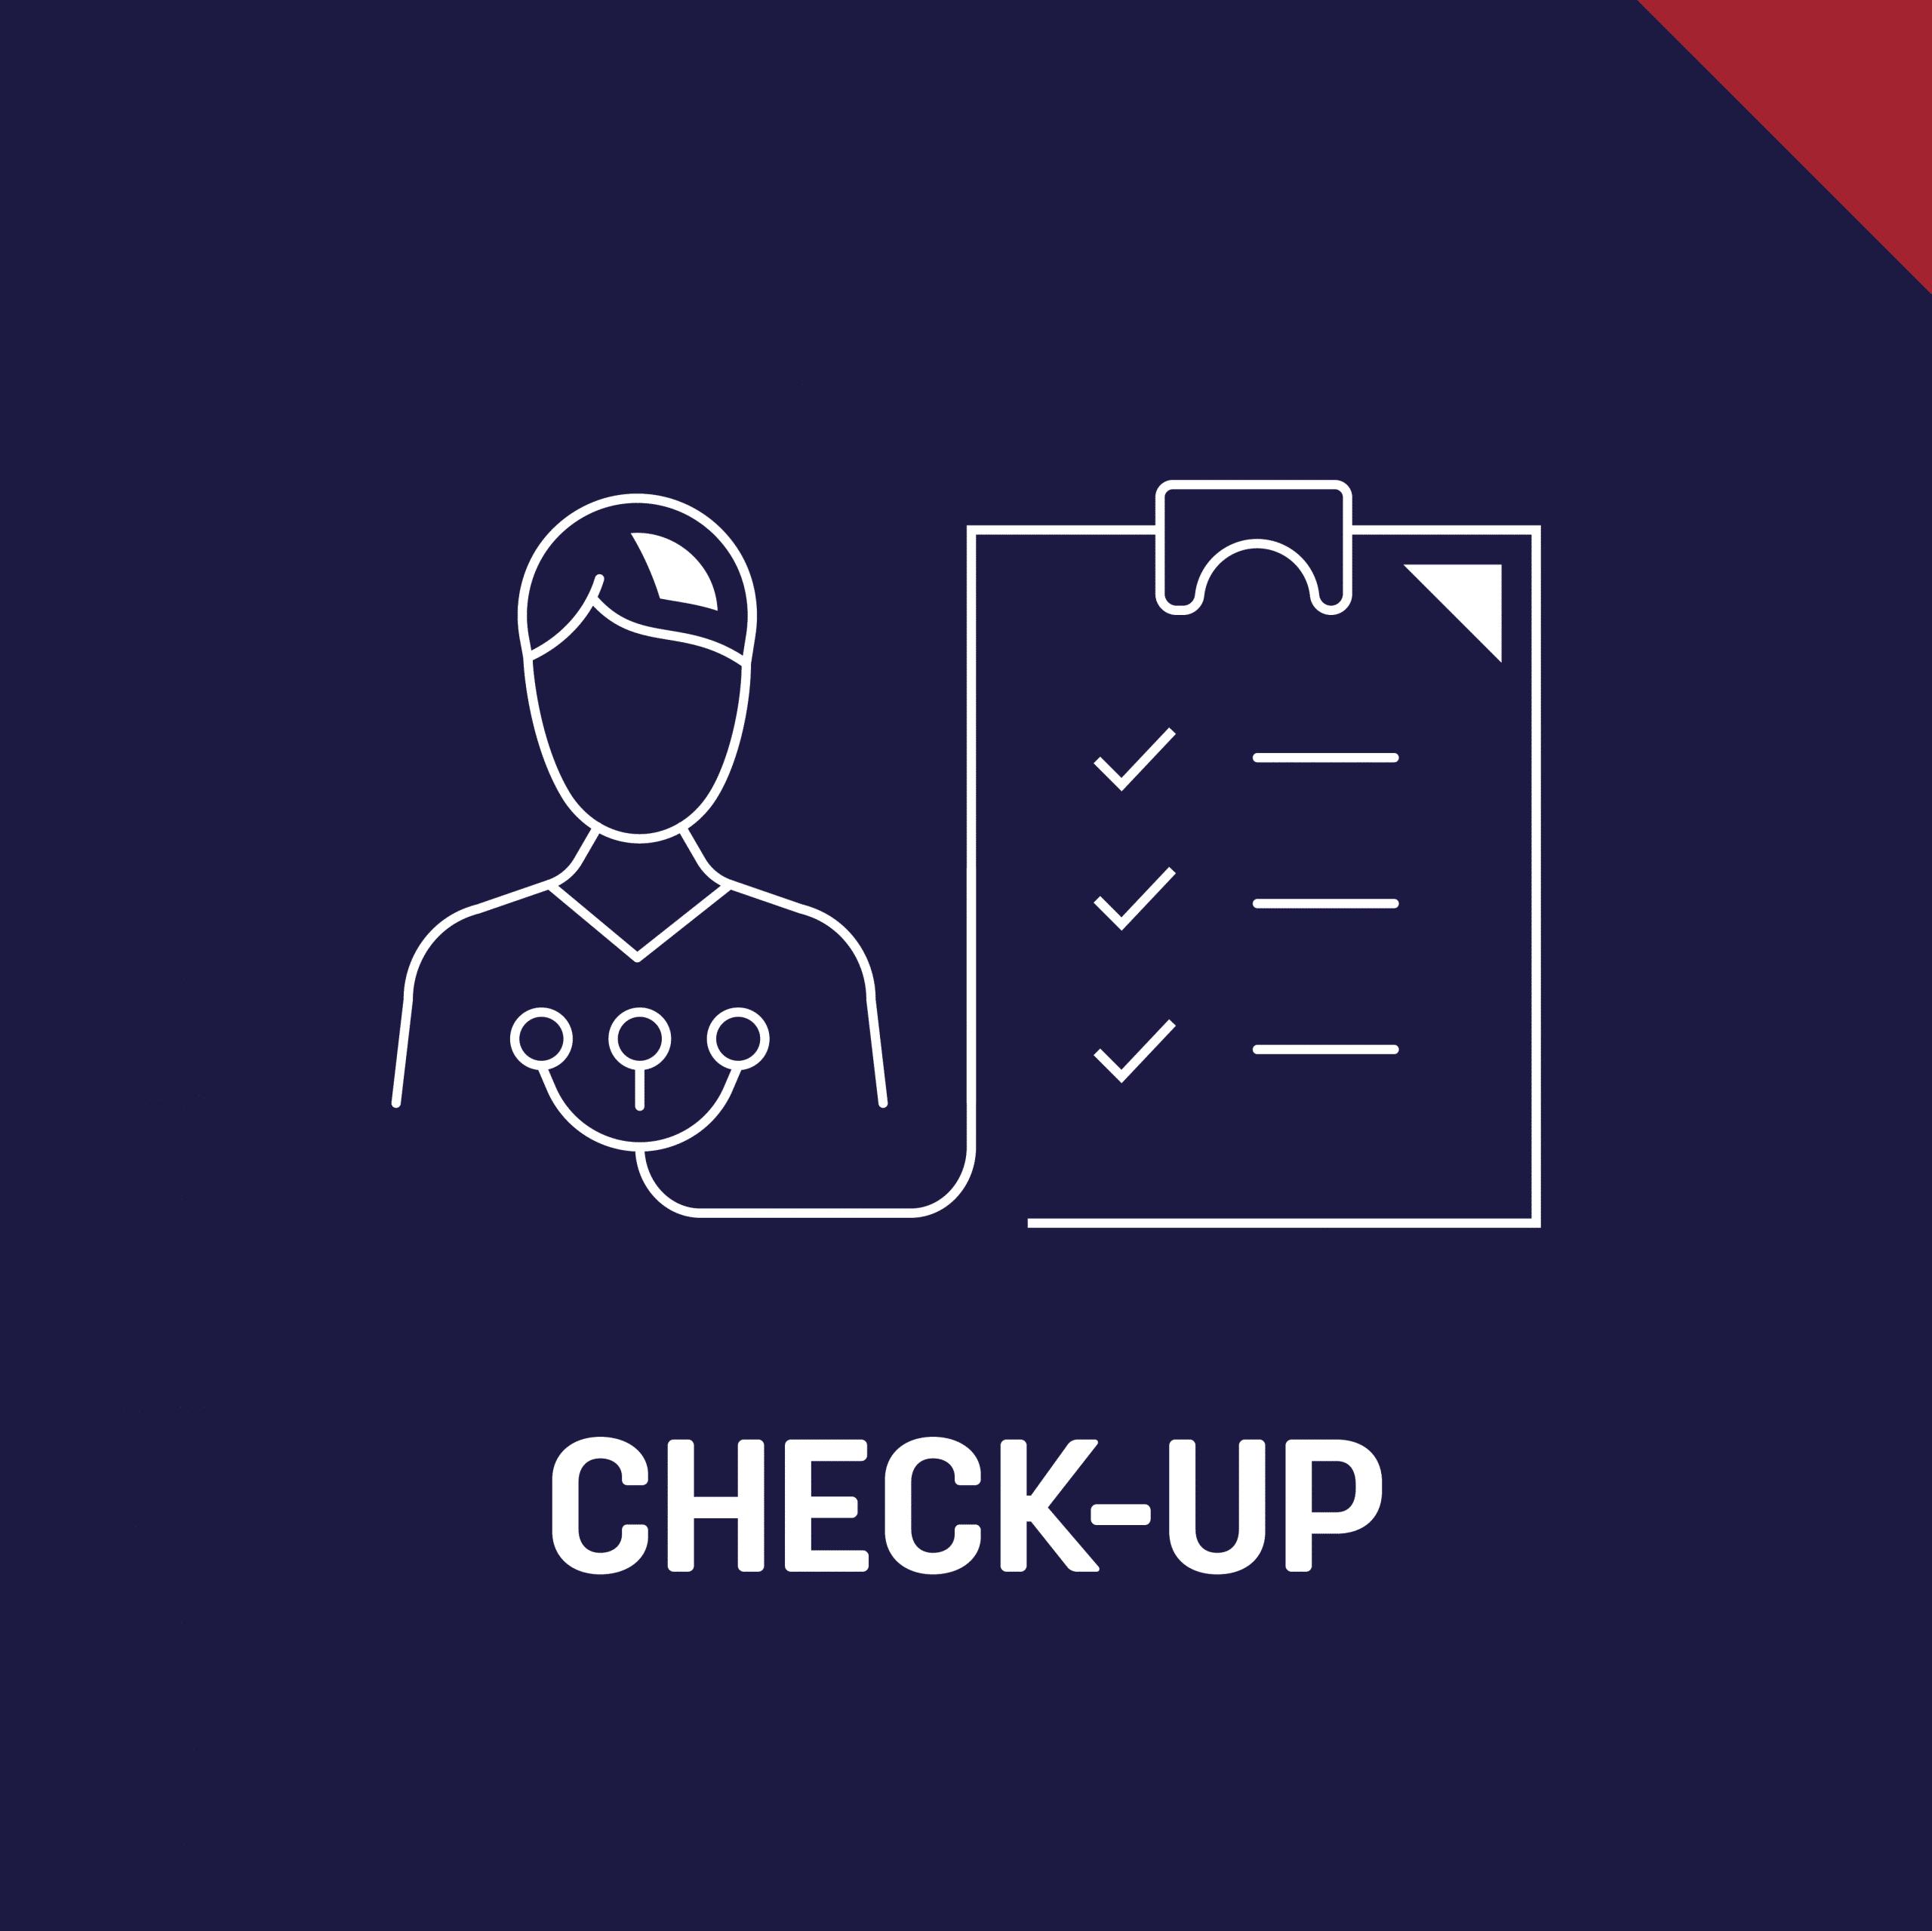 Denizli Özel Egekent Hastanesi Check Up